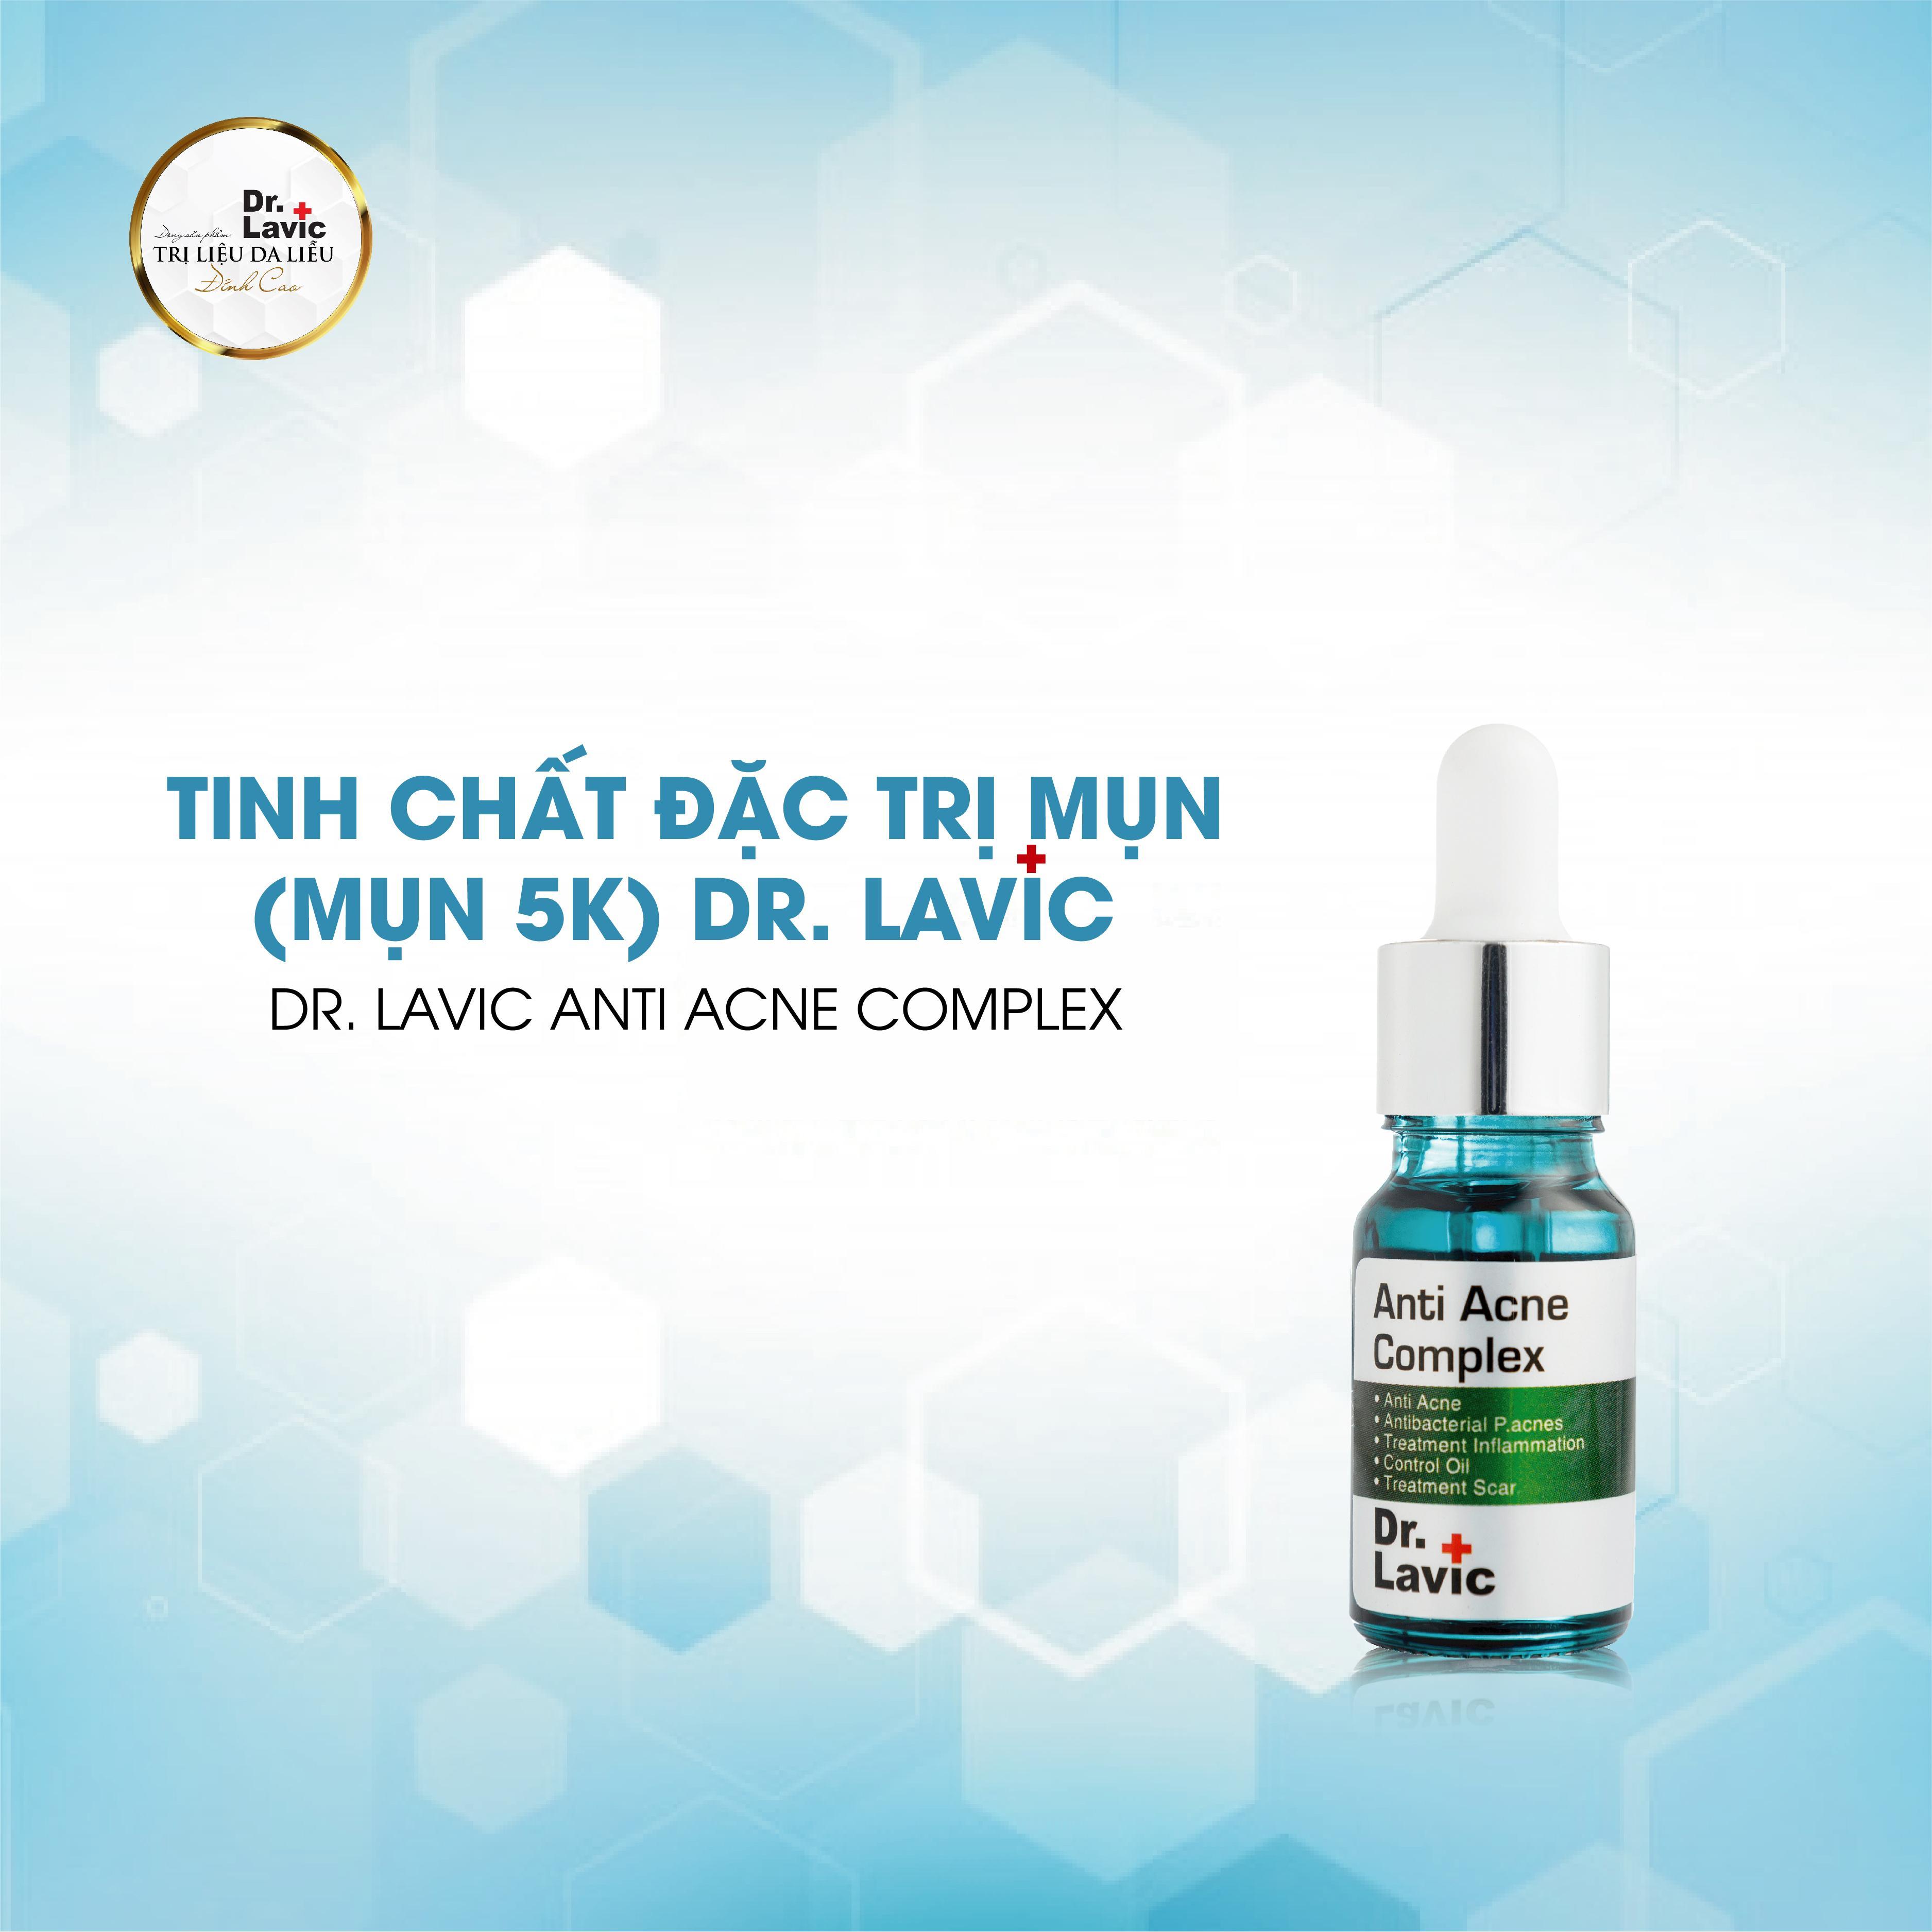 SERUM MỤN 5K DR.LAVIC - Dr.Lavic Anti acne complex